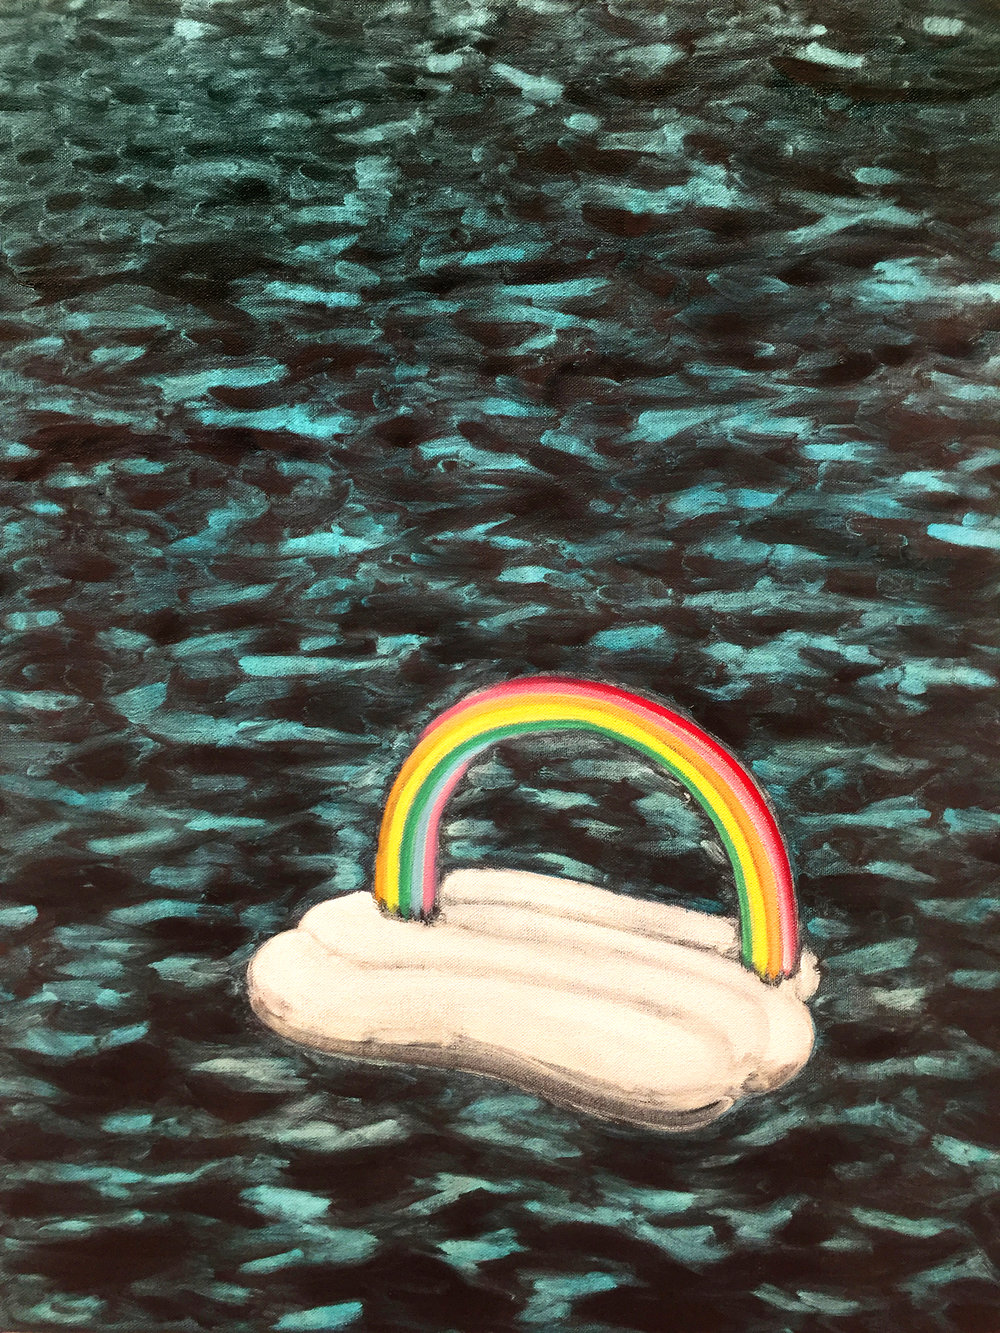 Artwork: Angus Ferguson,  Charon , 2018 (oil and acrylic on canvas)